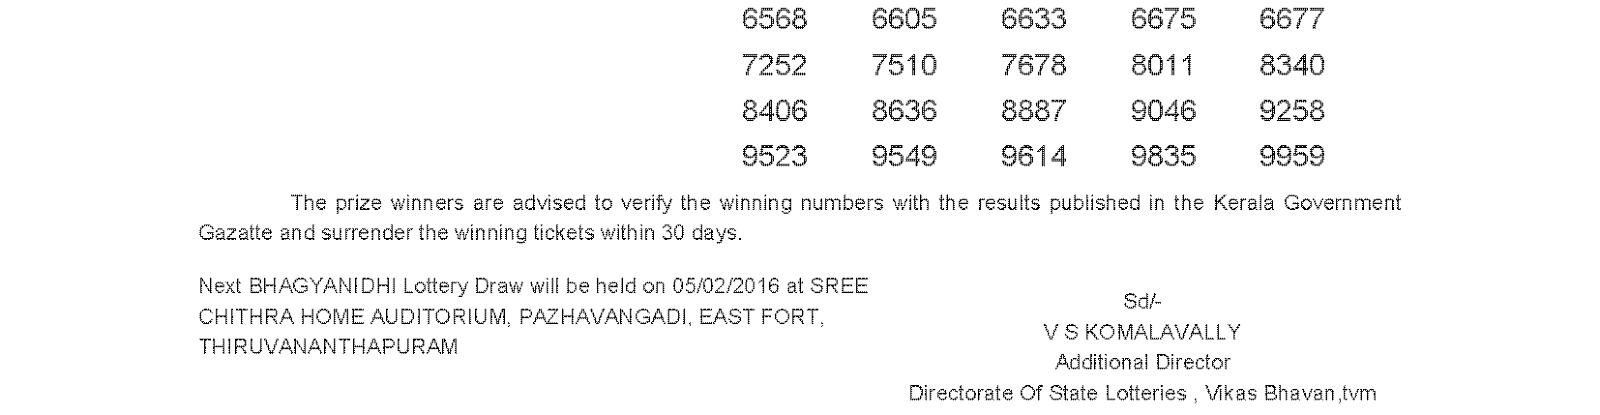 BHAGYANIDHI Lottery BN 222 Result 29-01-2016